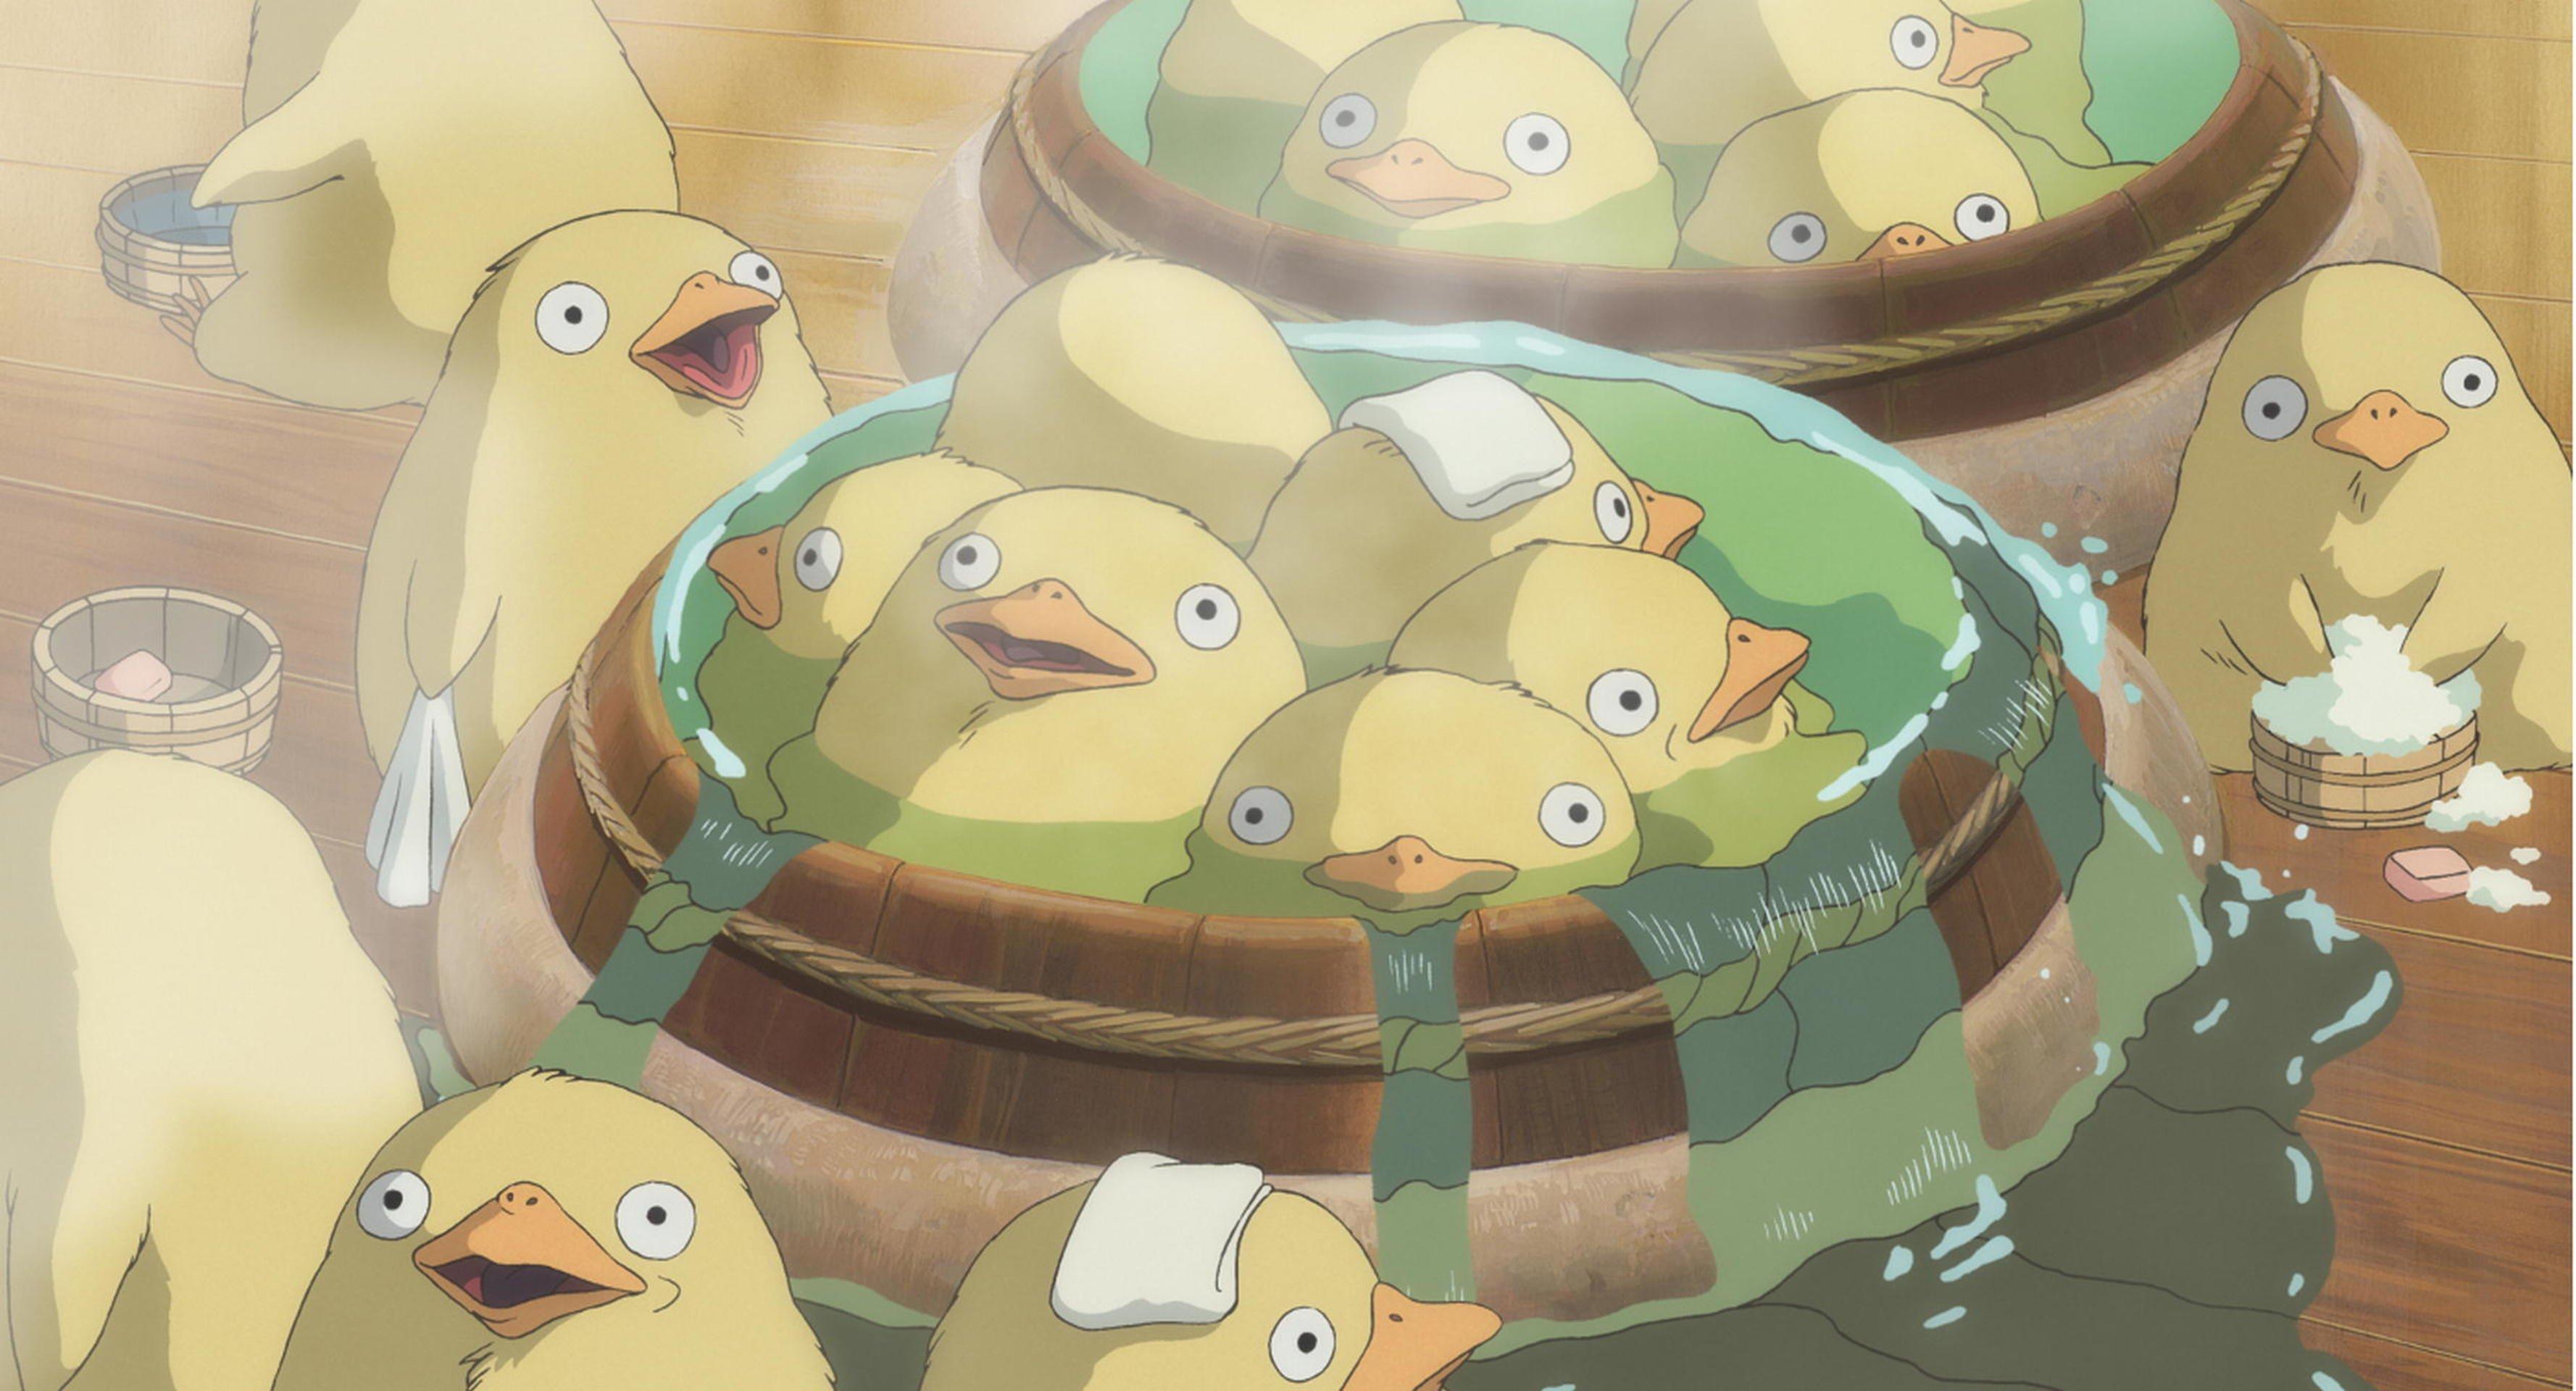 Duck Bath From Spirited Away Hd Wallpaper